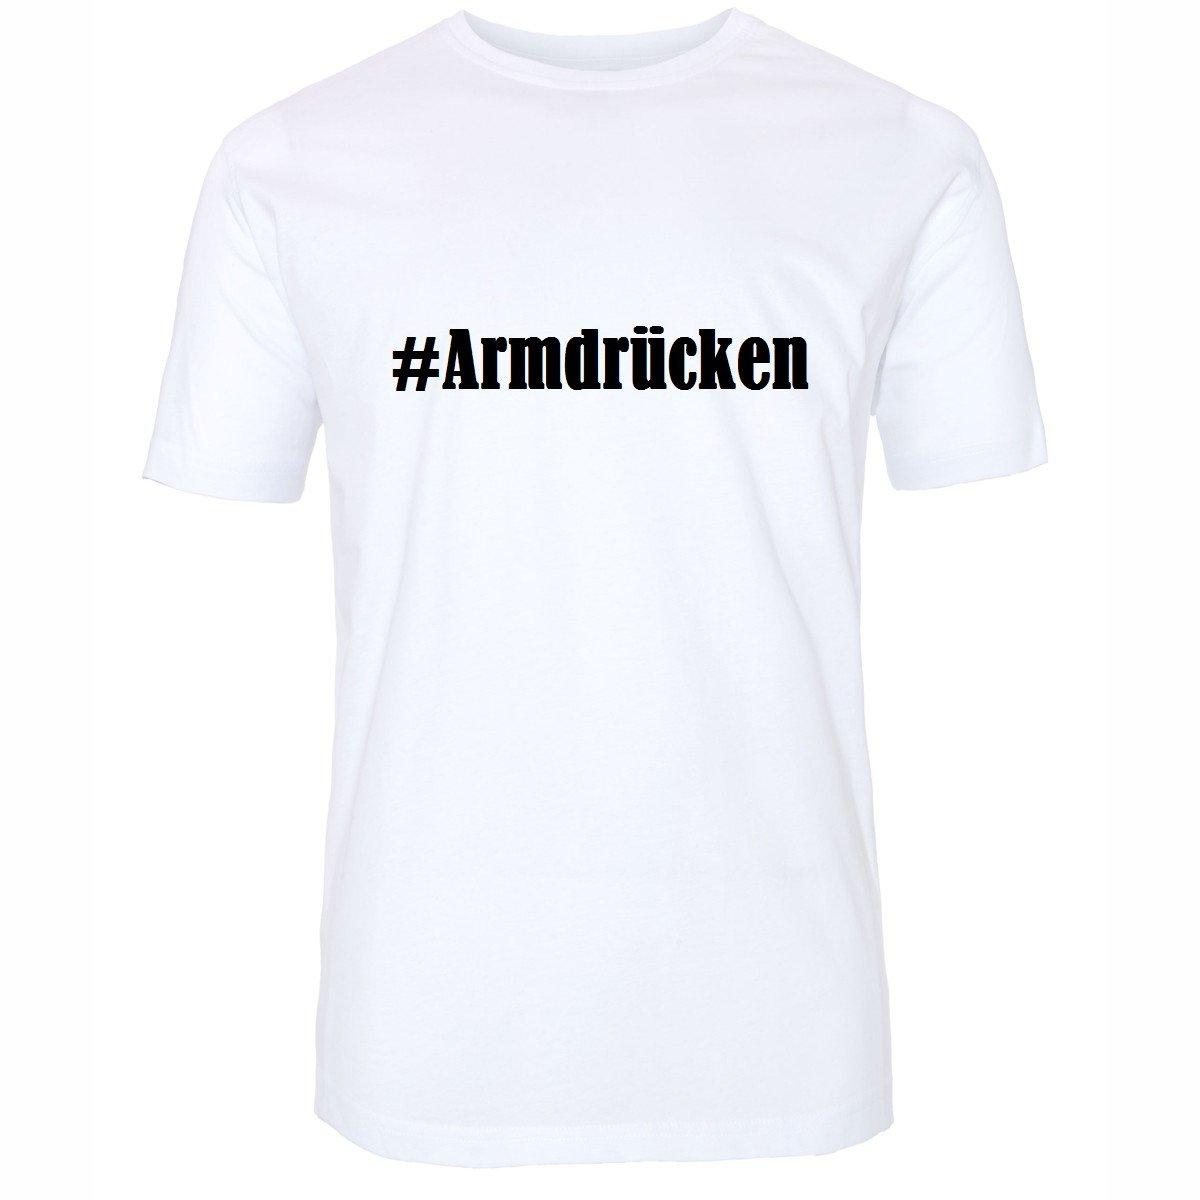 T-Shirt #Armdrücken Hashtag Raute für Damen Herren und Kinder ... in den Farben  Schwarz und Weiss: Amazon.de: Bekleidung